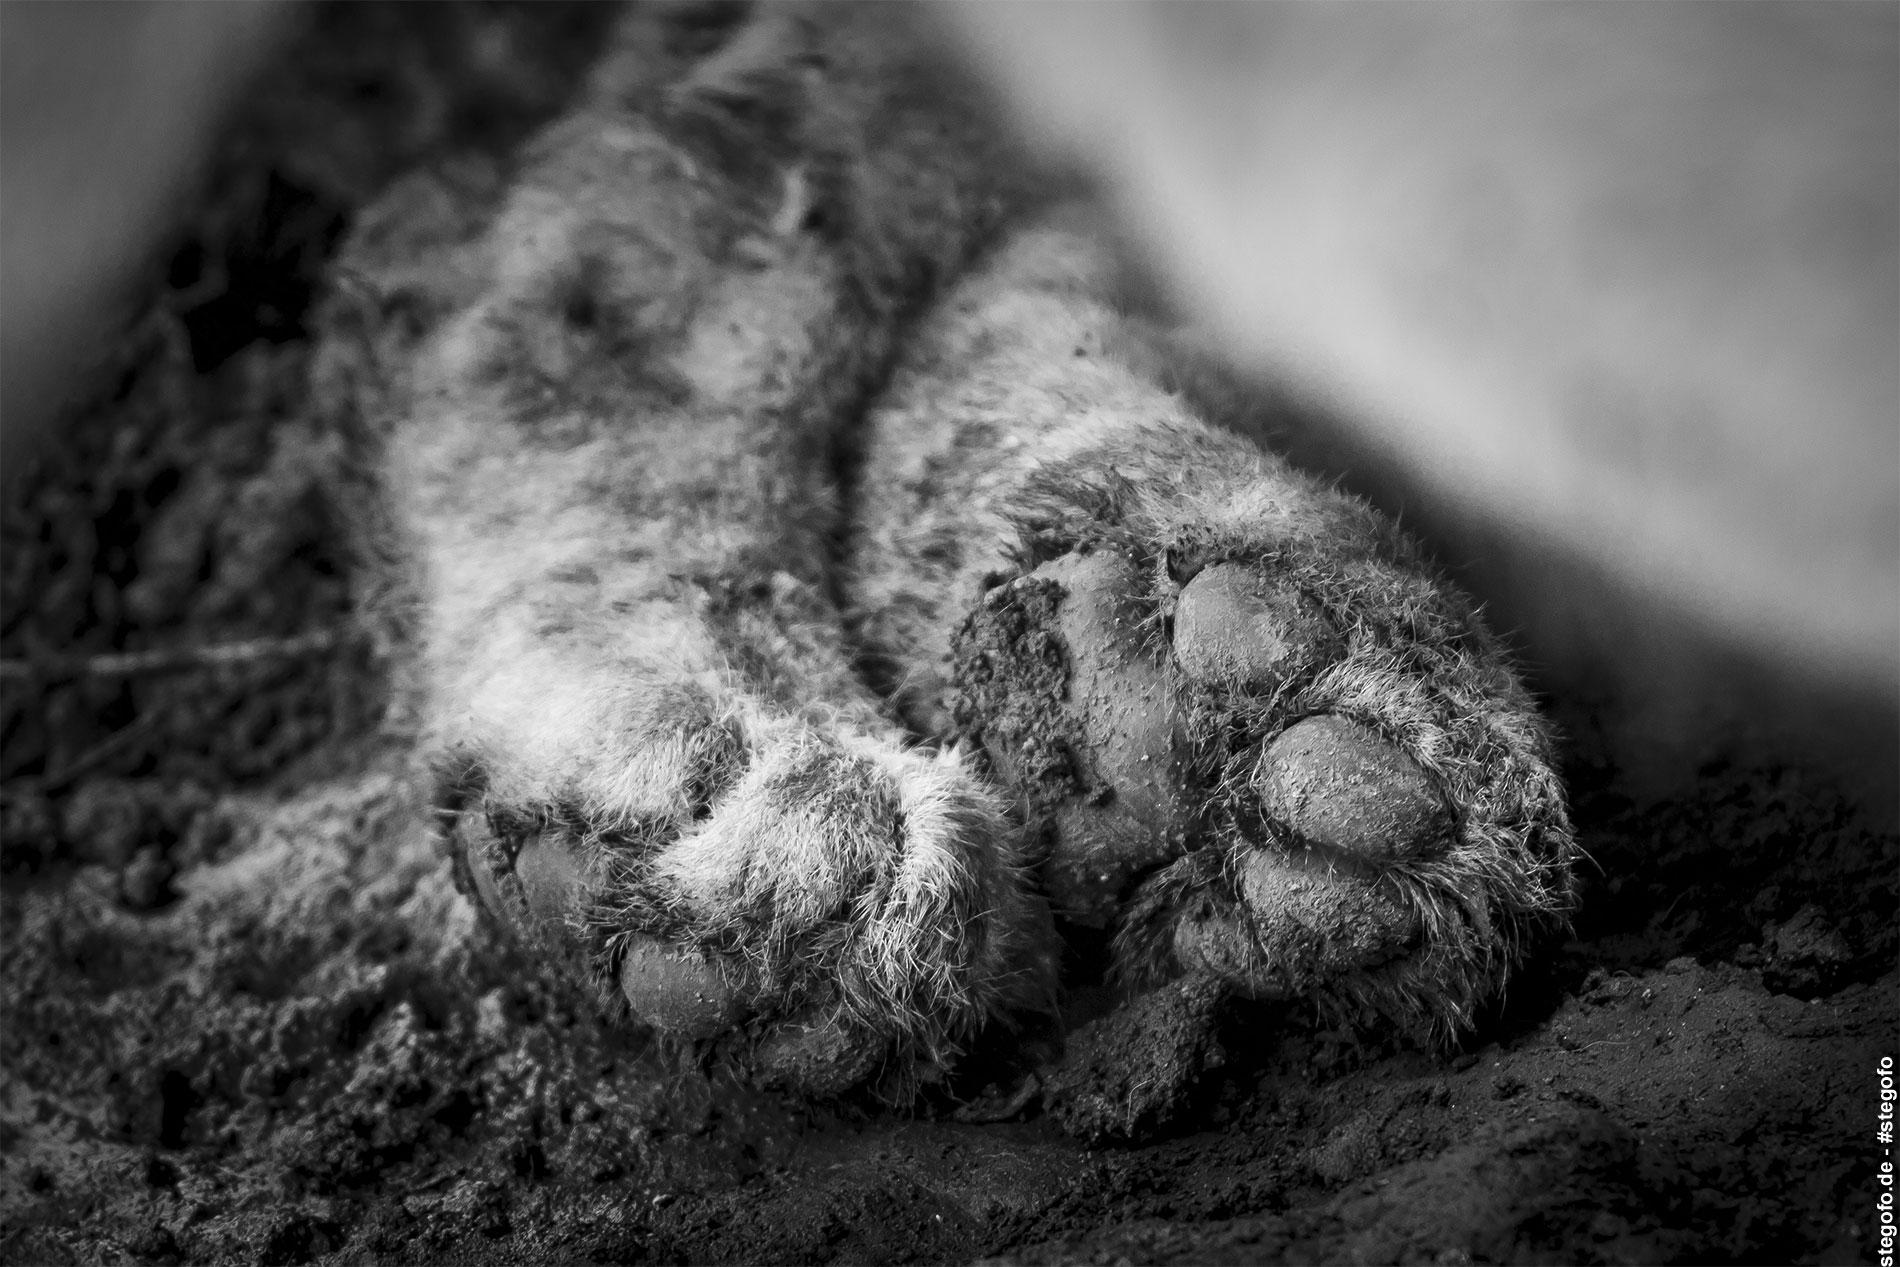 Die Löwenpfoten - Serengeti Nationalpark - 02.2019